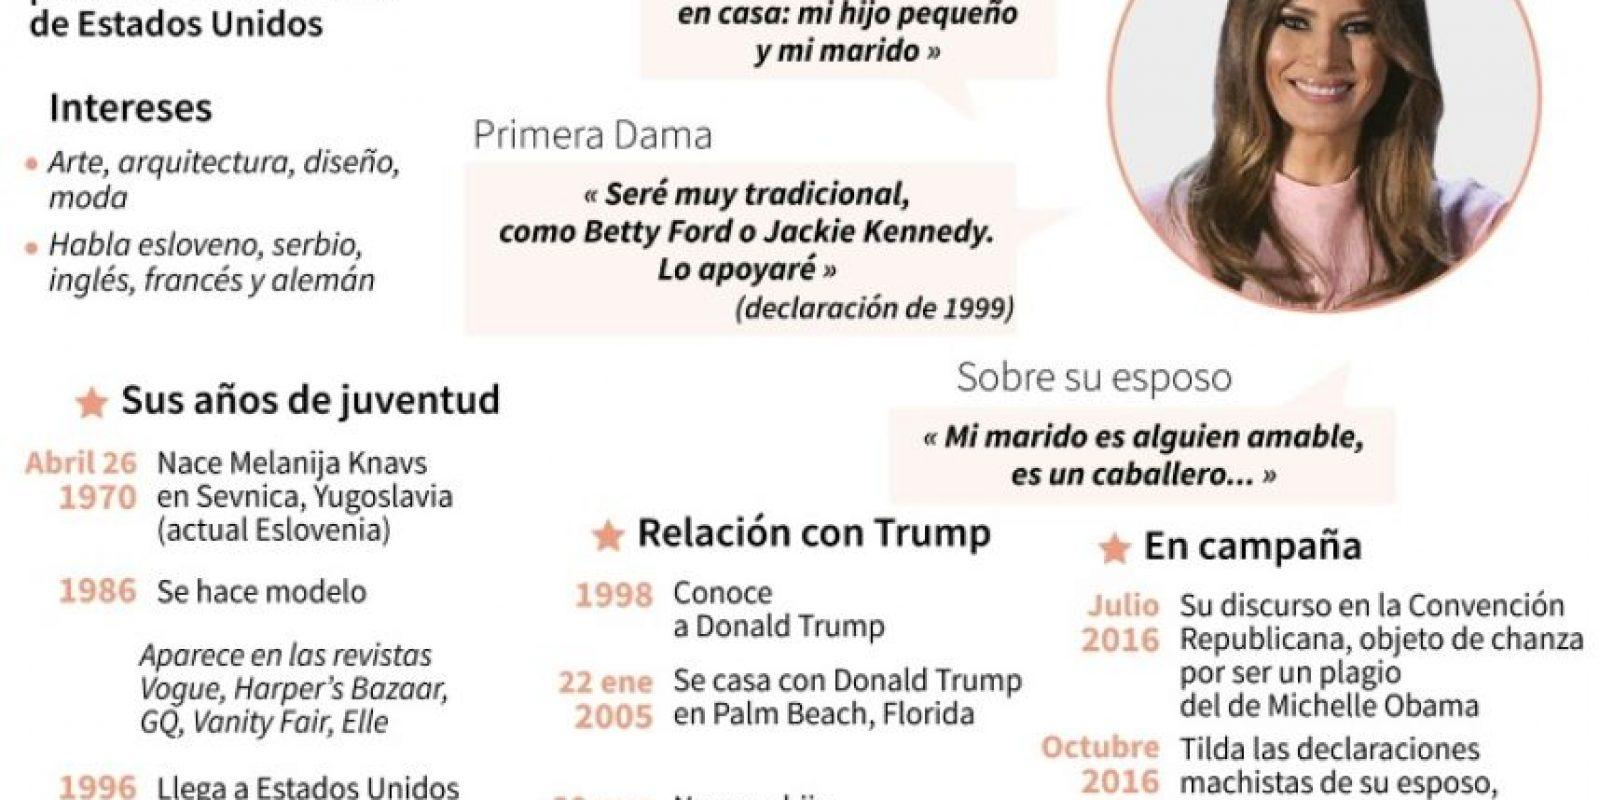 Biografía de Melania Trump, esposa de Donald Trump y próxima primera dama de Estados Unidos Foto:Sabrina BLANCHARD, Jonathan JACOBSEN/afp.com